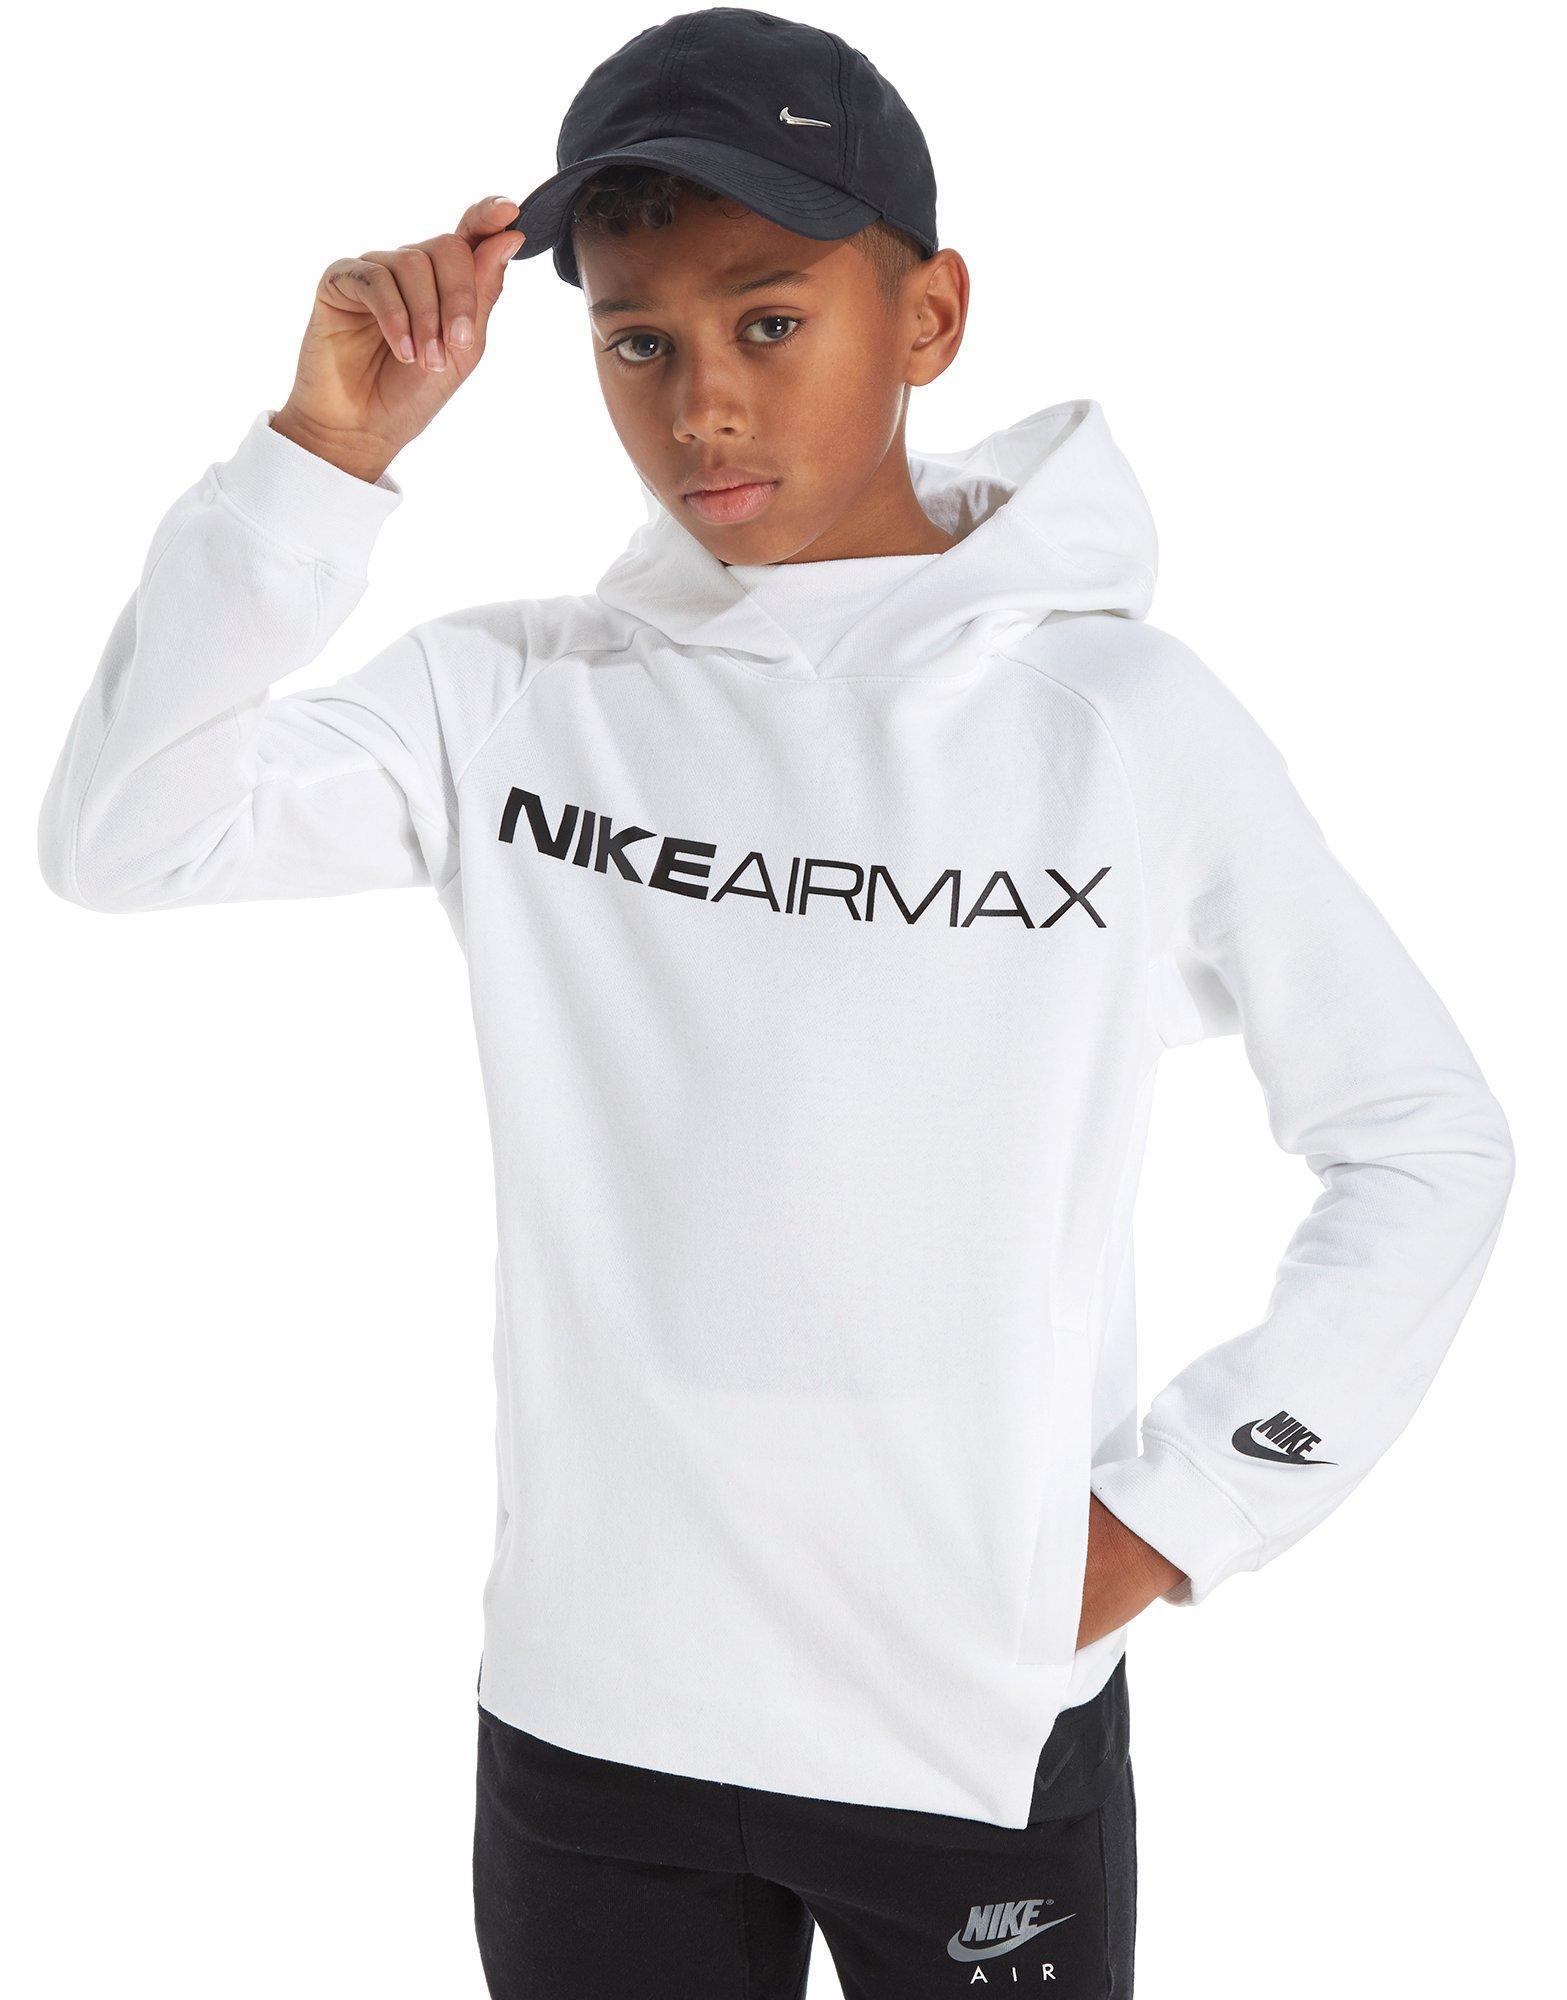 In White 3rslqcj54a Nike Junior Hoodie Lyst Men Max For Air CdxoBe